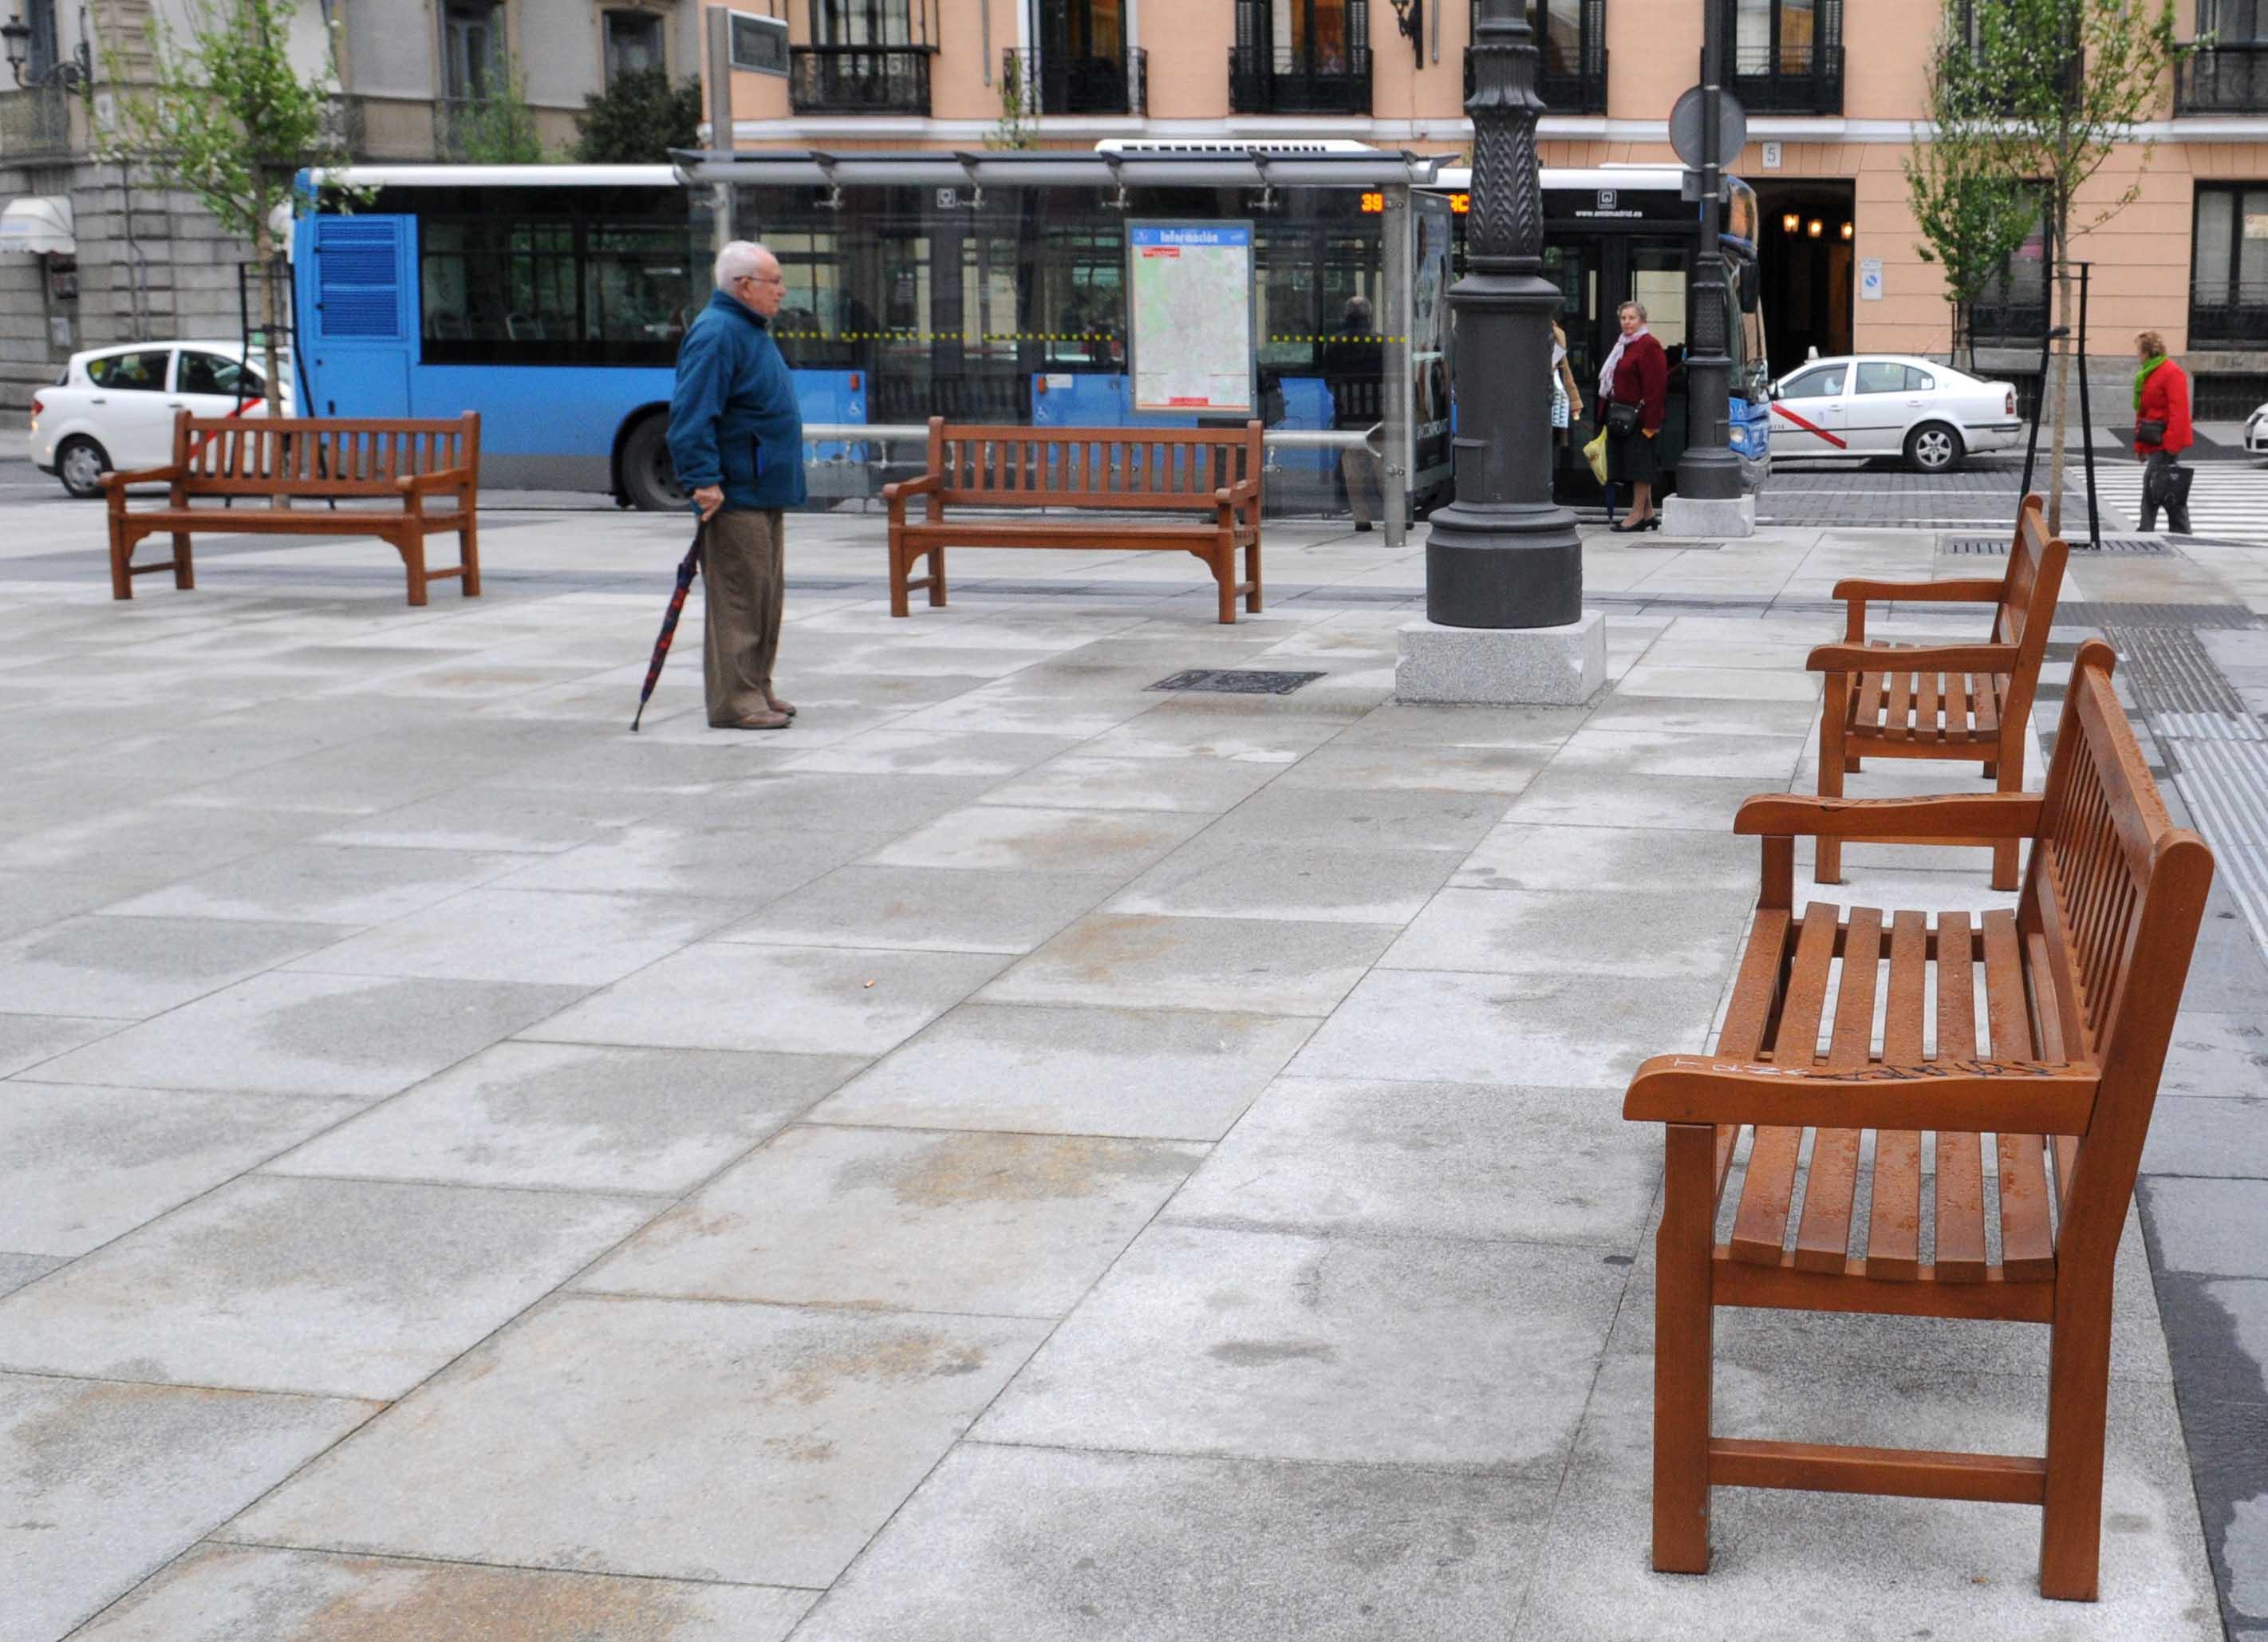 Mobiliario urbano seguro ayuntamiento de madrid - Mobiliario urbano madrid ...